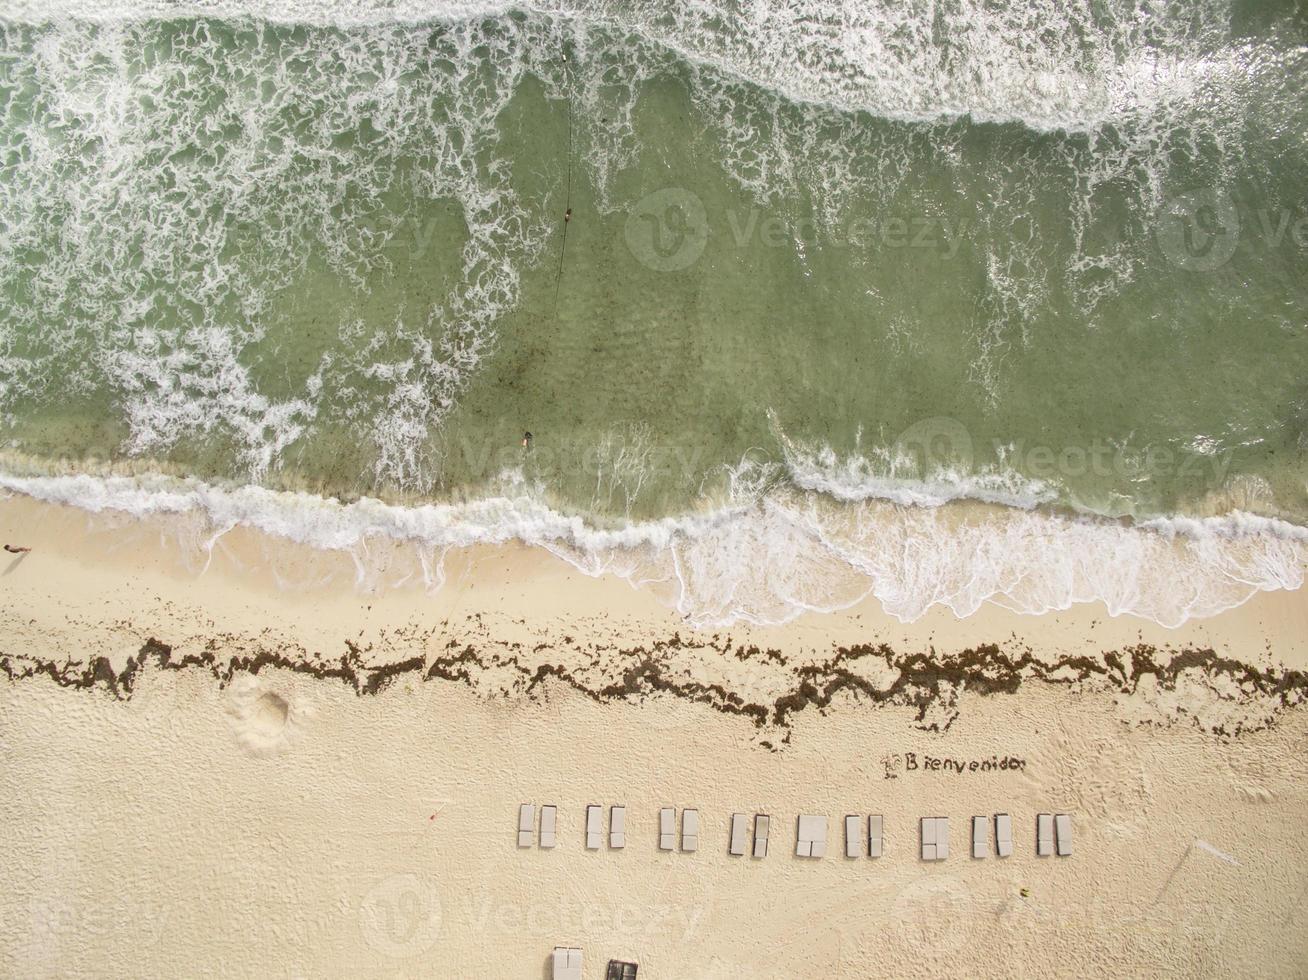 Bienvedino Aerial photo